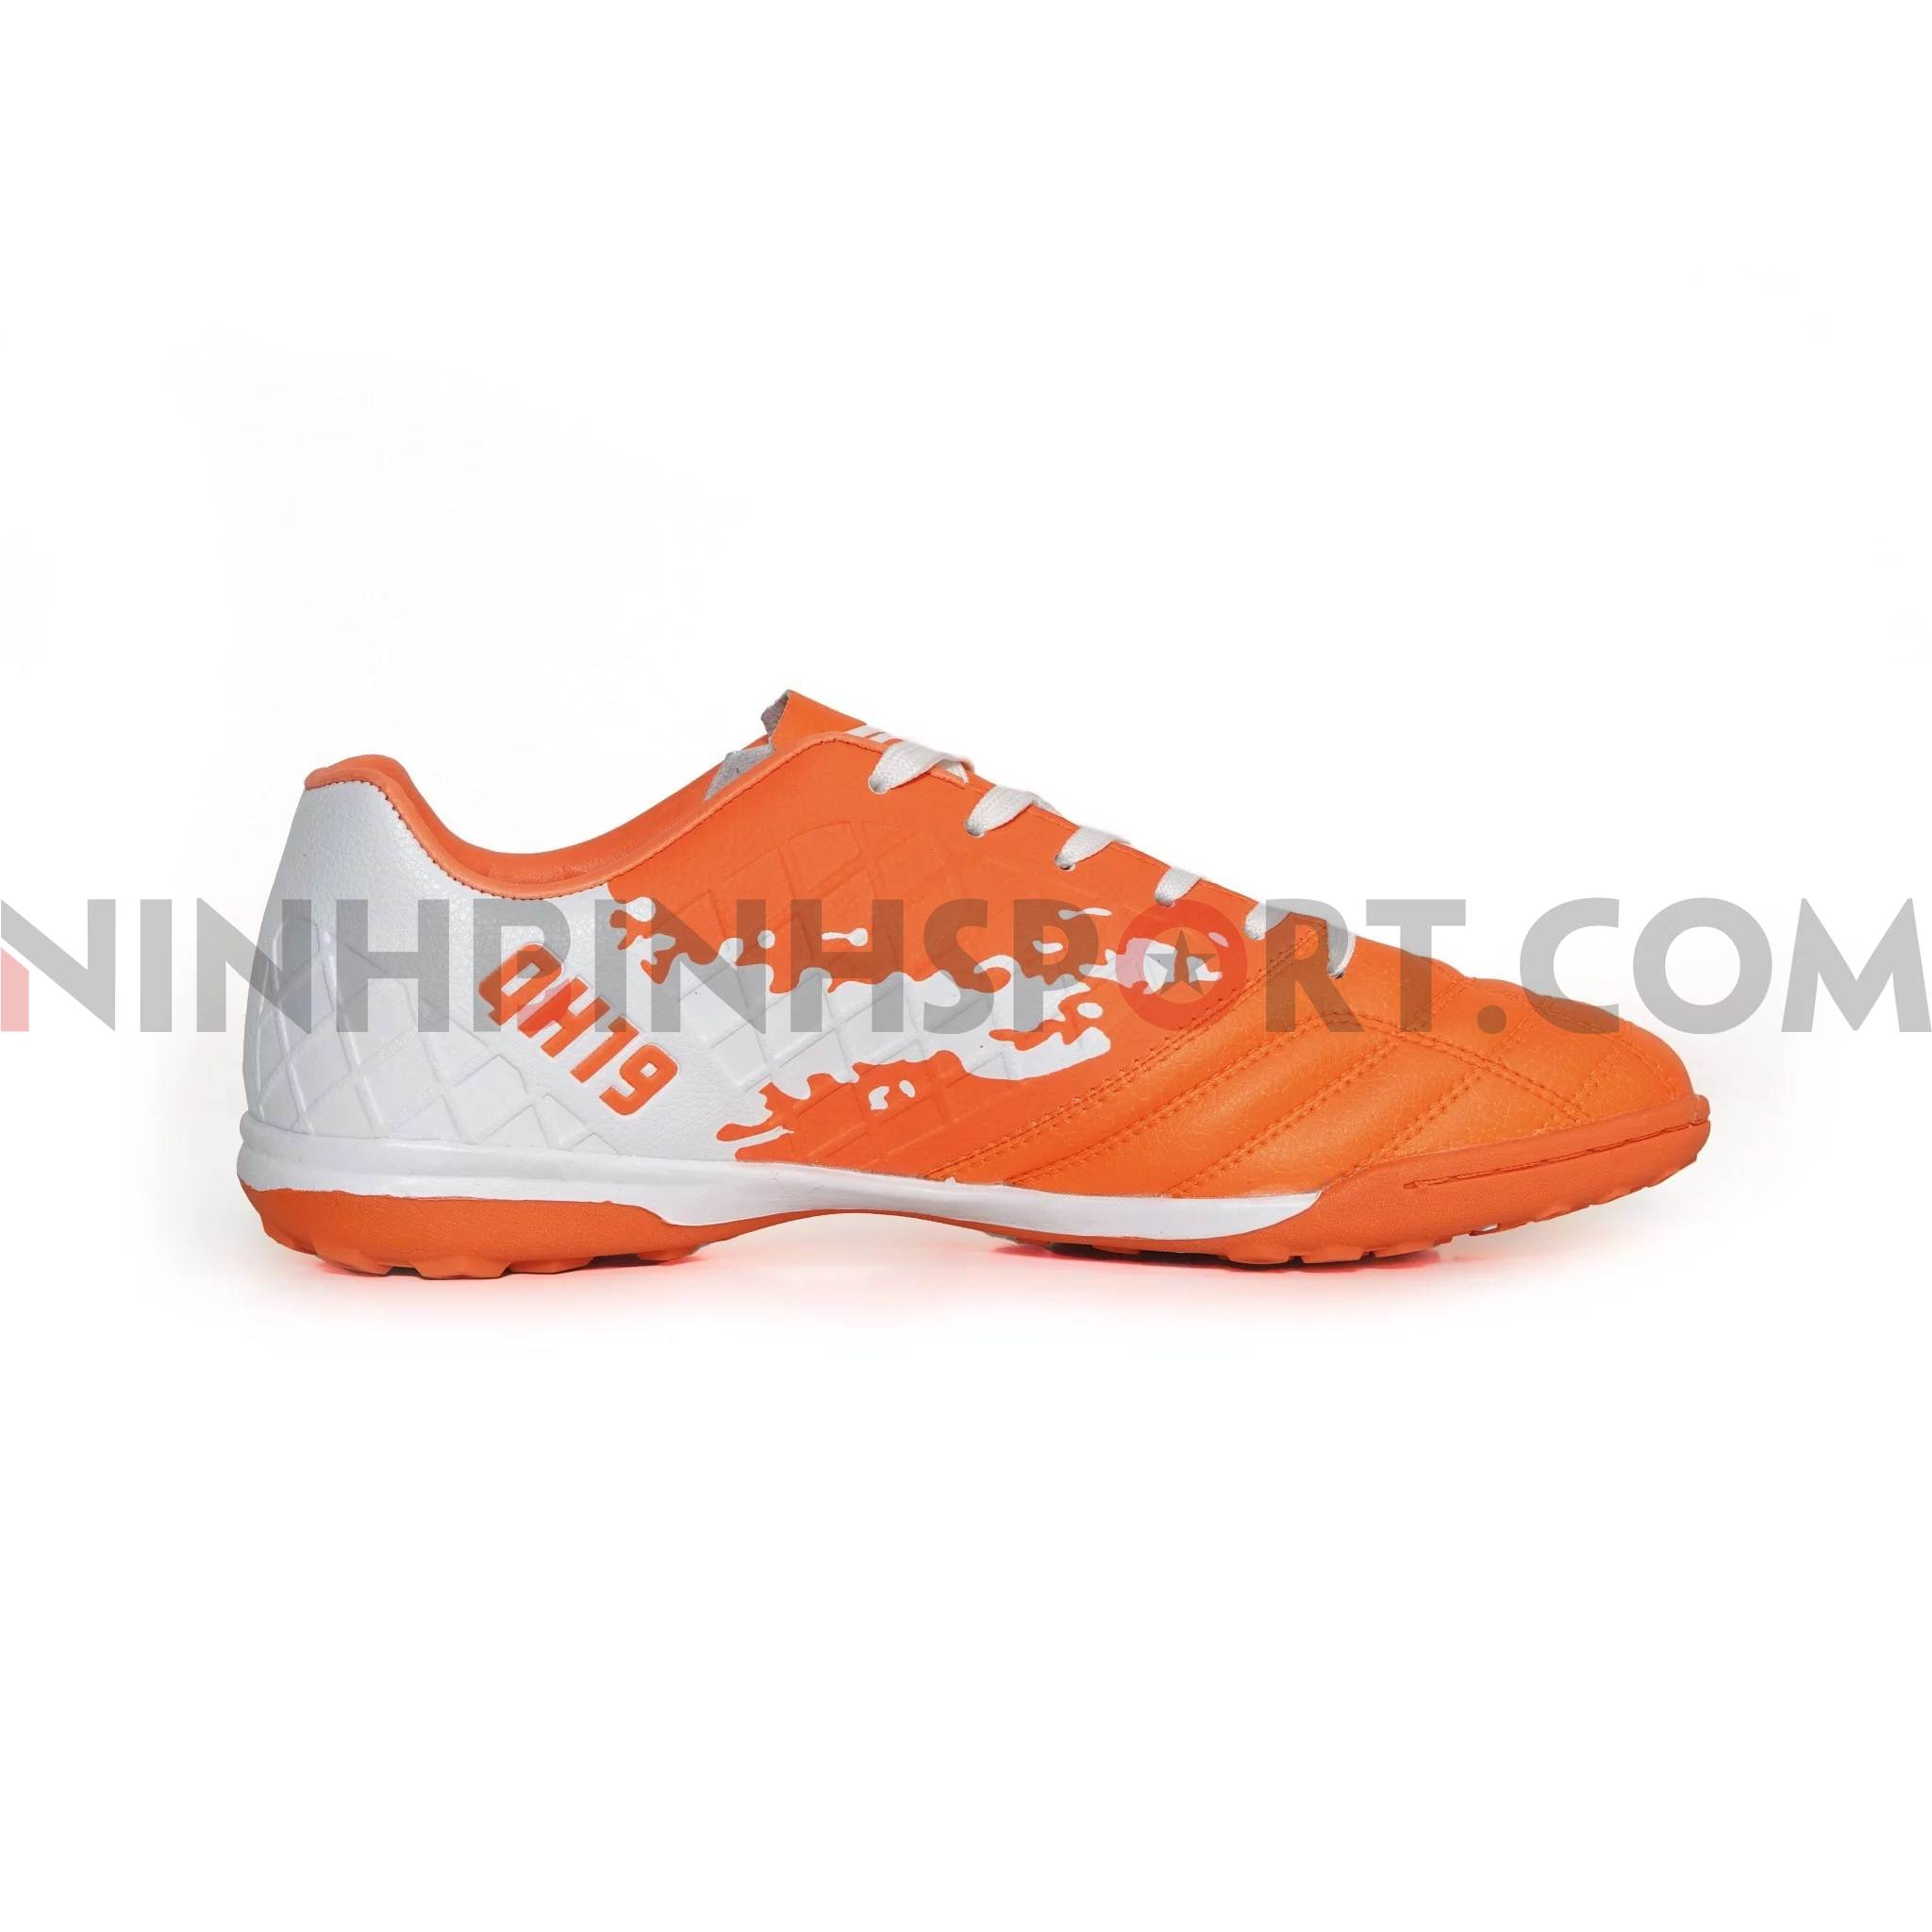 Giầy bóng đá nam Kamito QH19 Premium Pack F19601